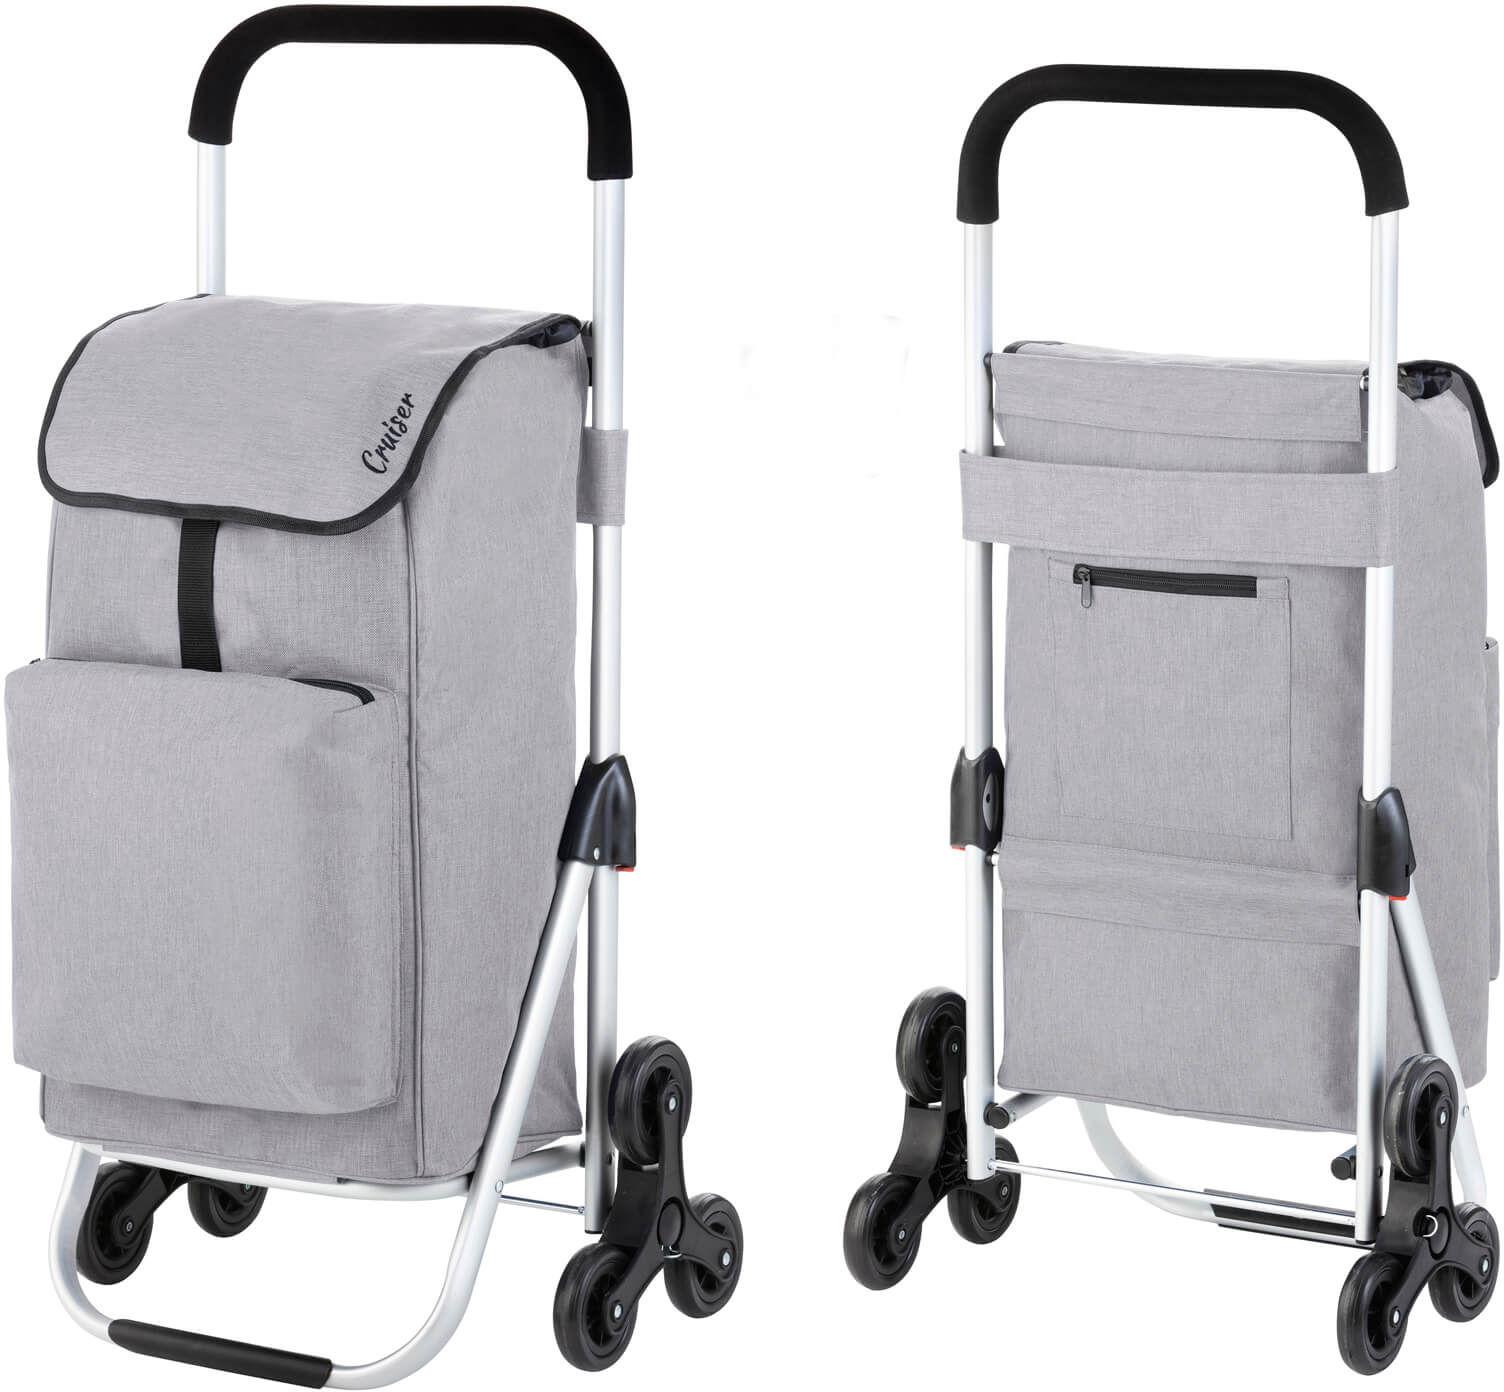 Wózek zakupowy do pokonywania schodów Cruiser Expert /szary/